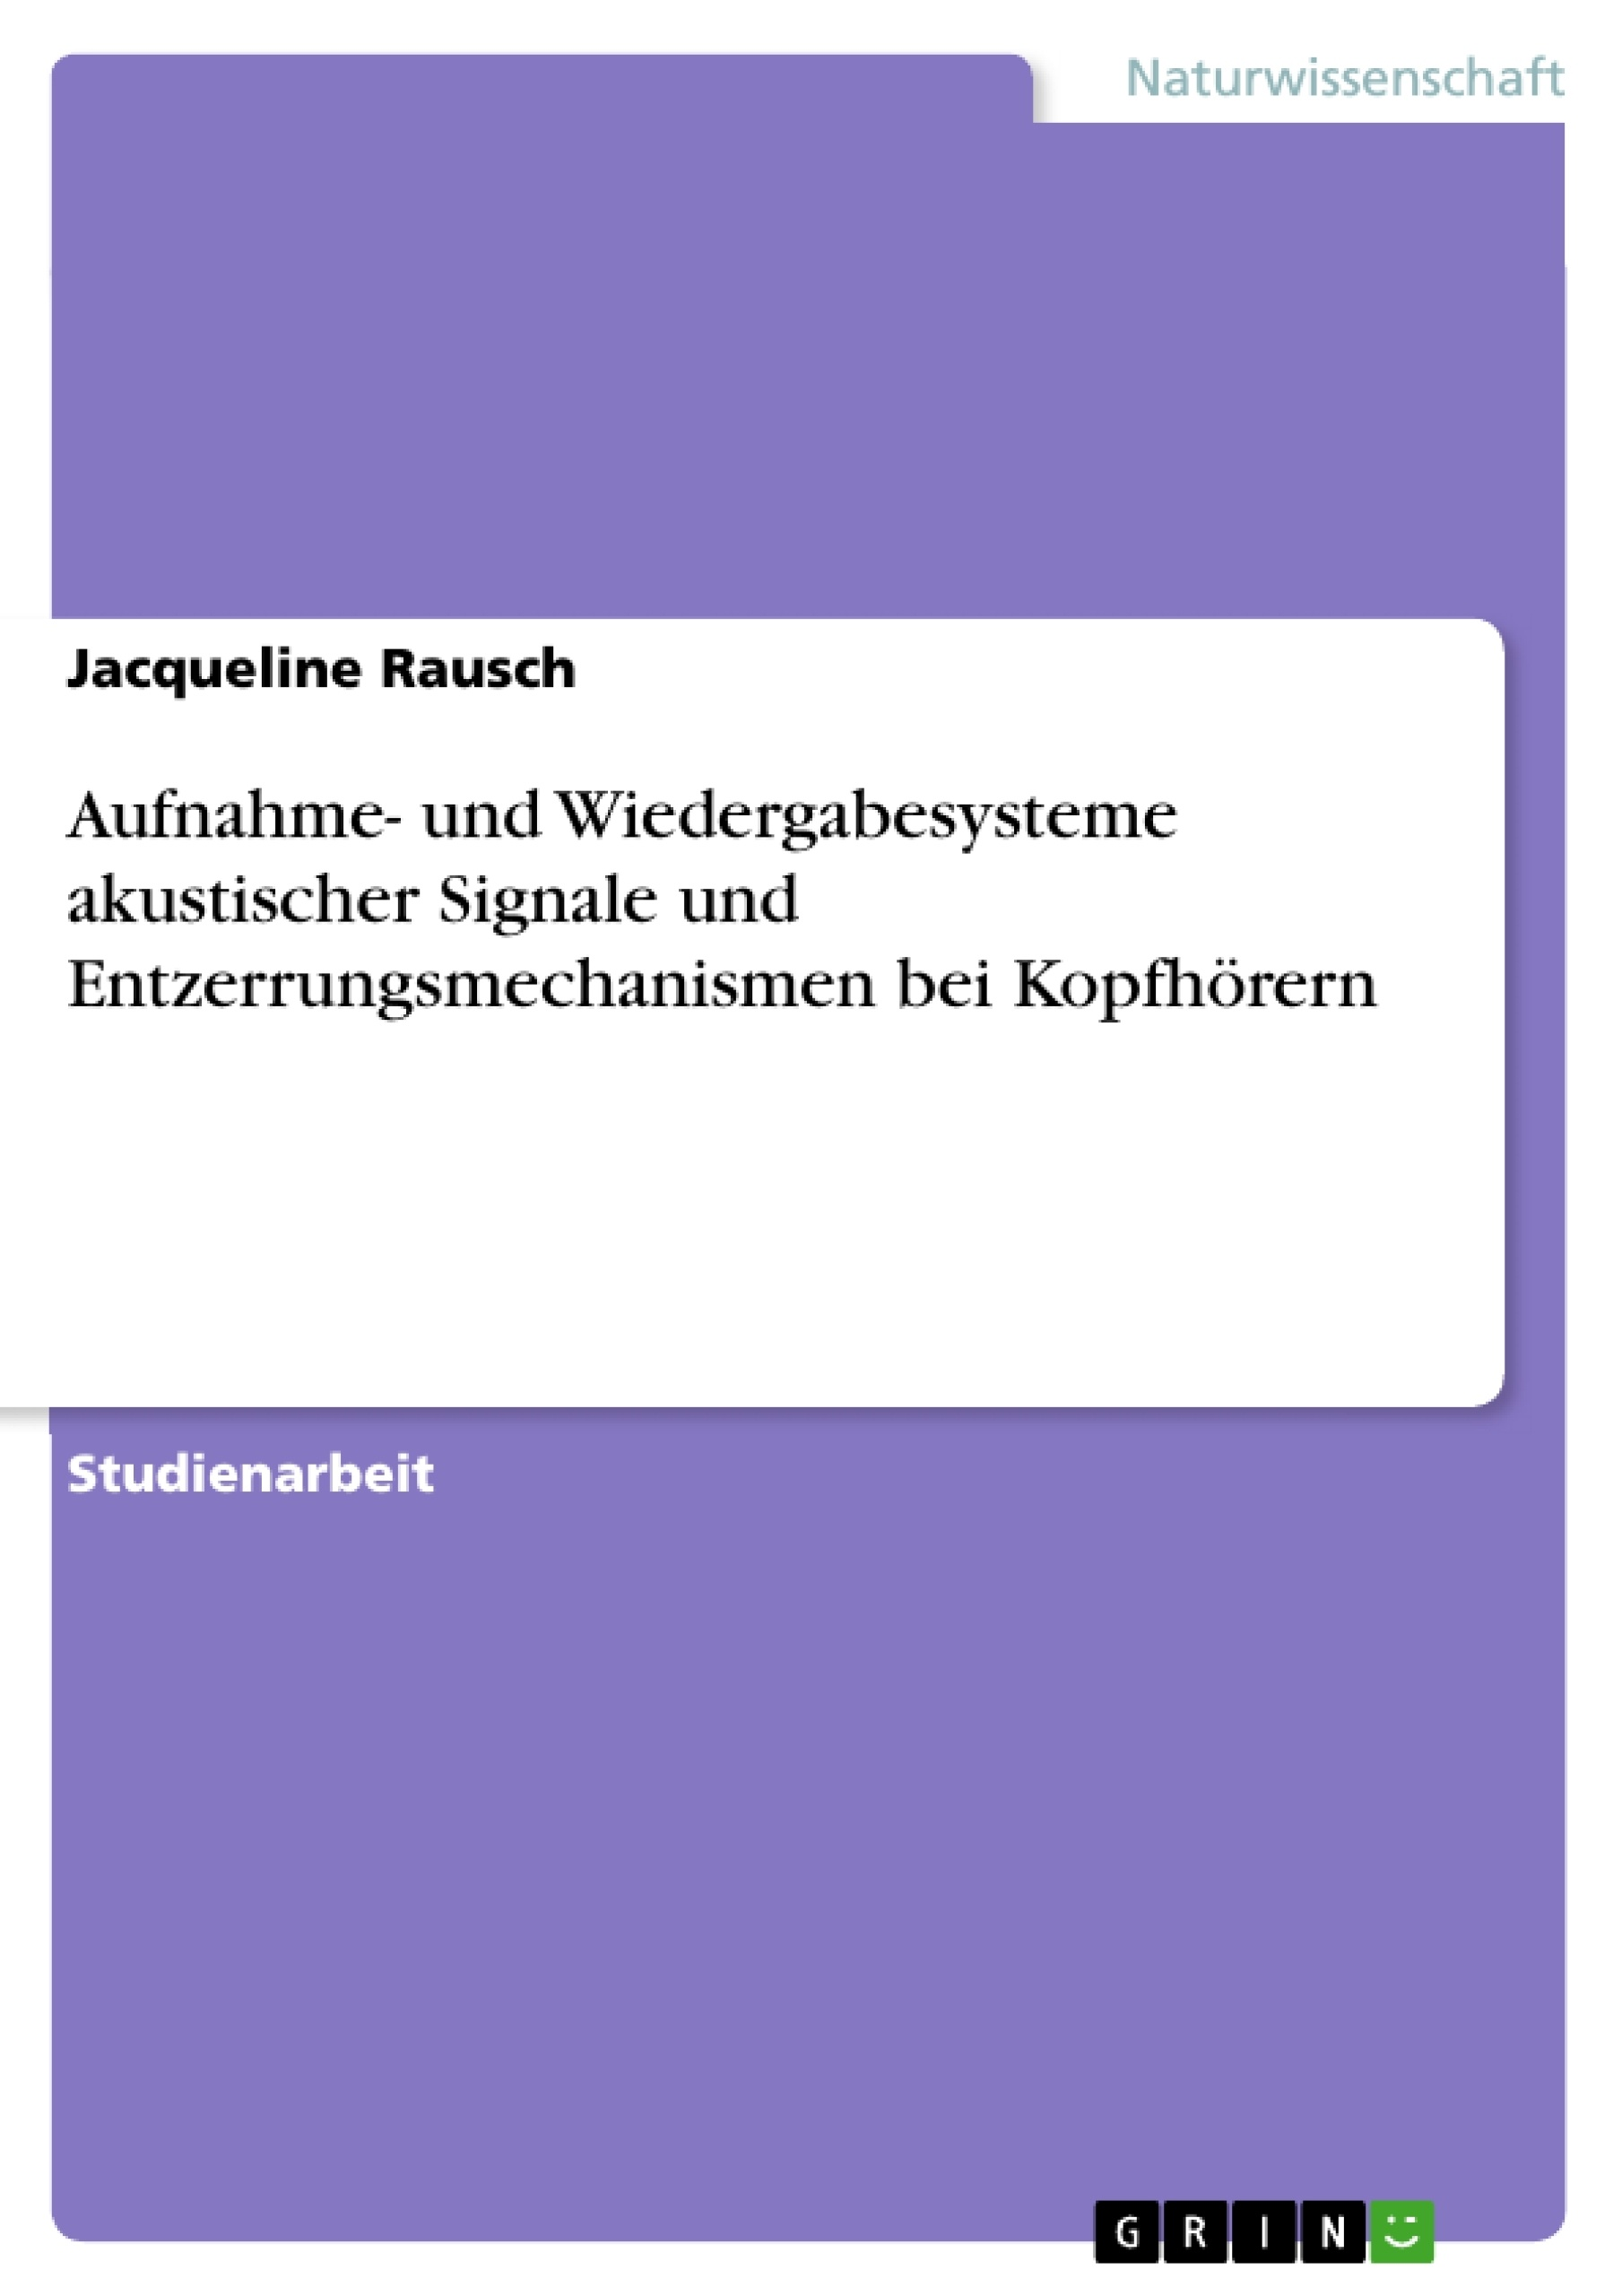 Titel: Aufnahme- und Wiedergabesysteme akustischer Signale und Entzerrungsmechanismen bei Kopfhörern